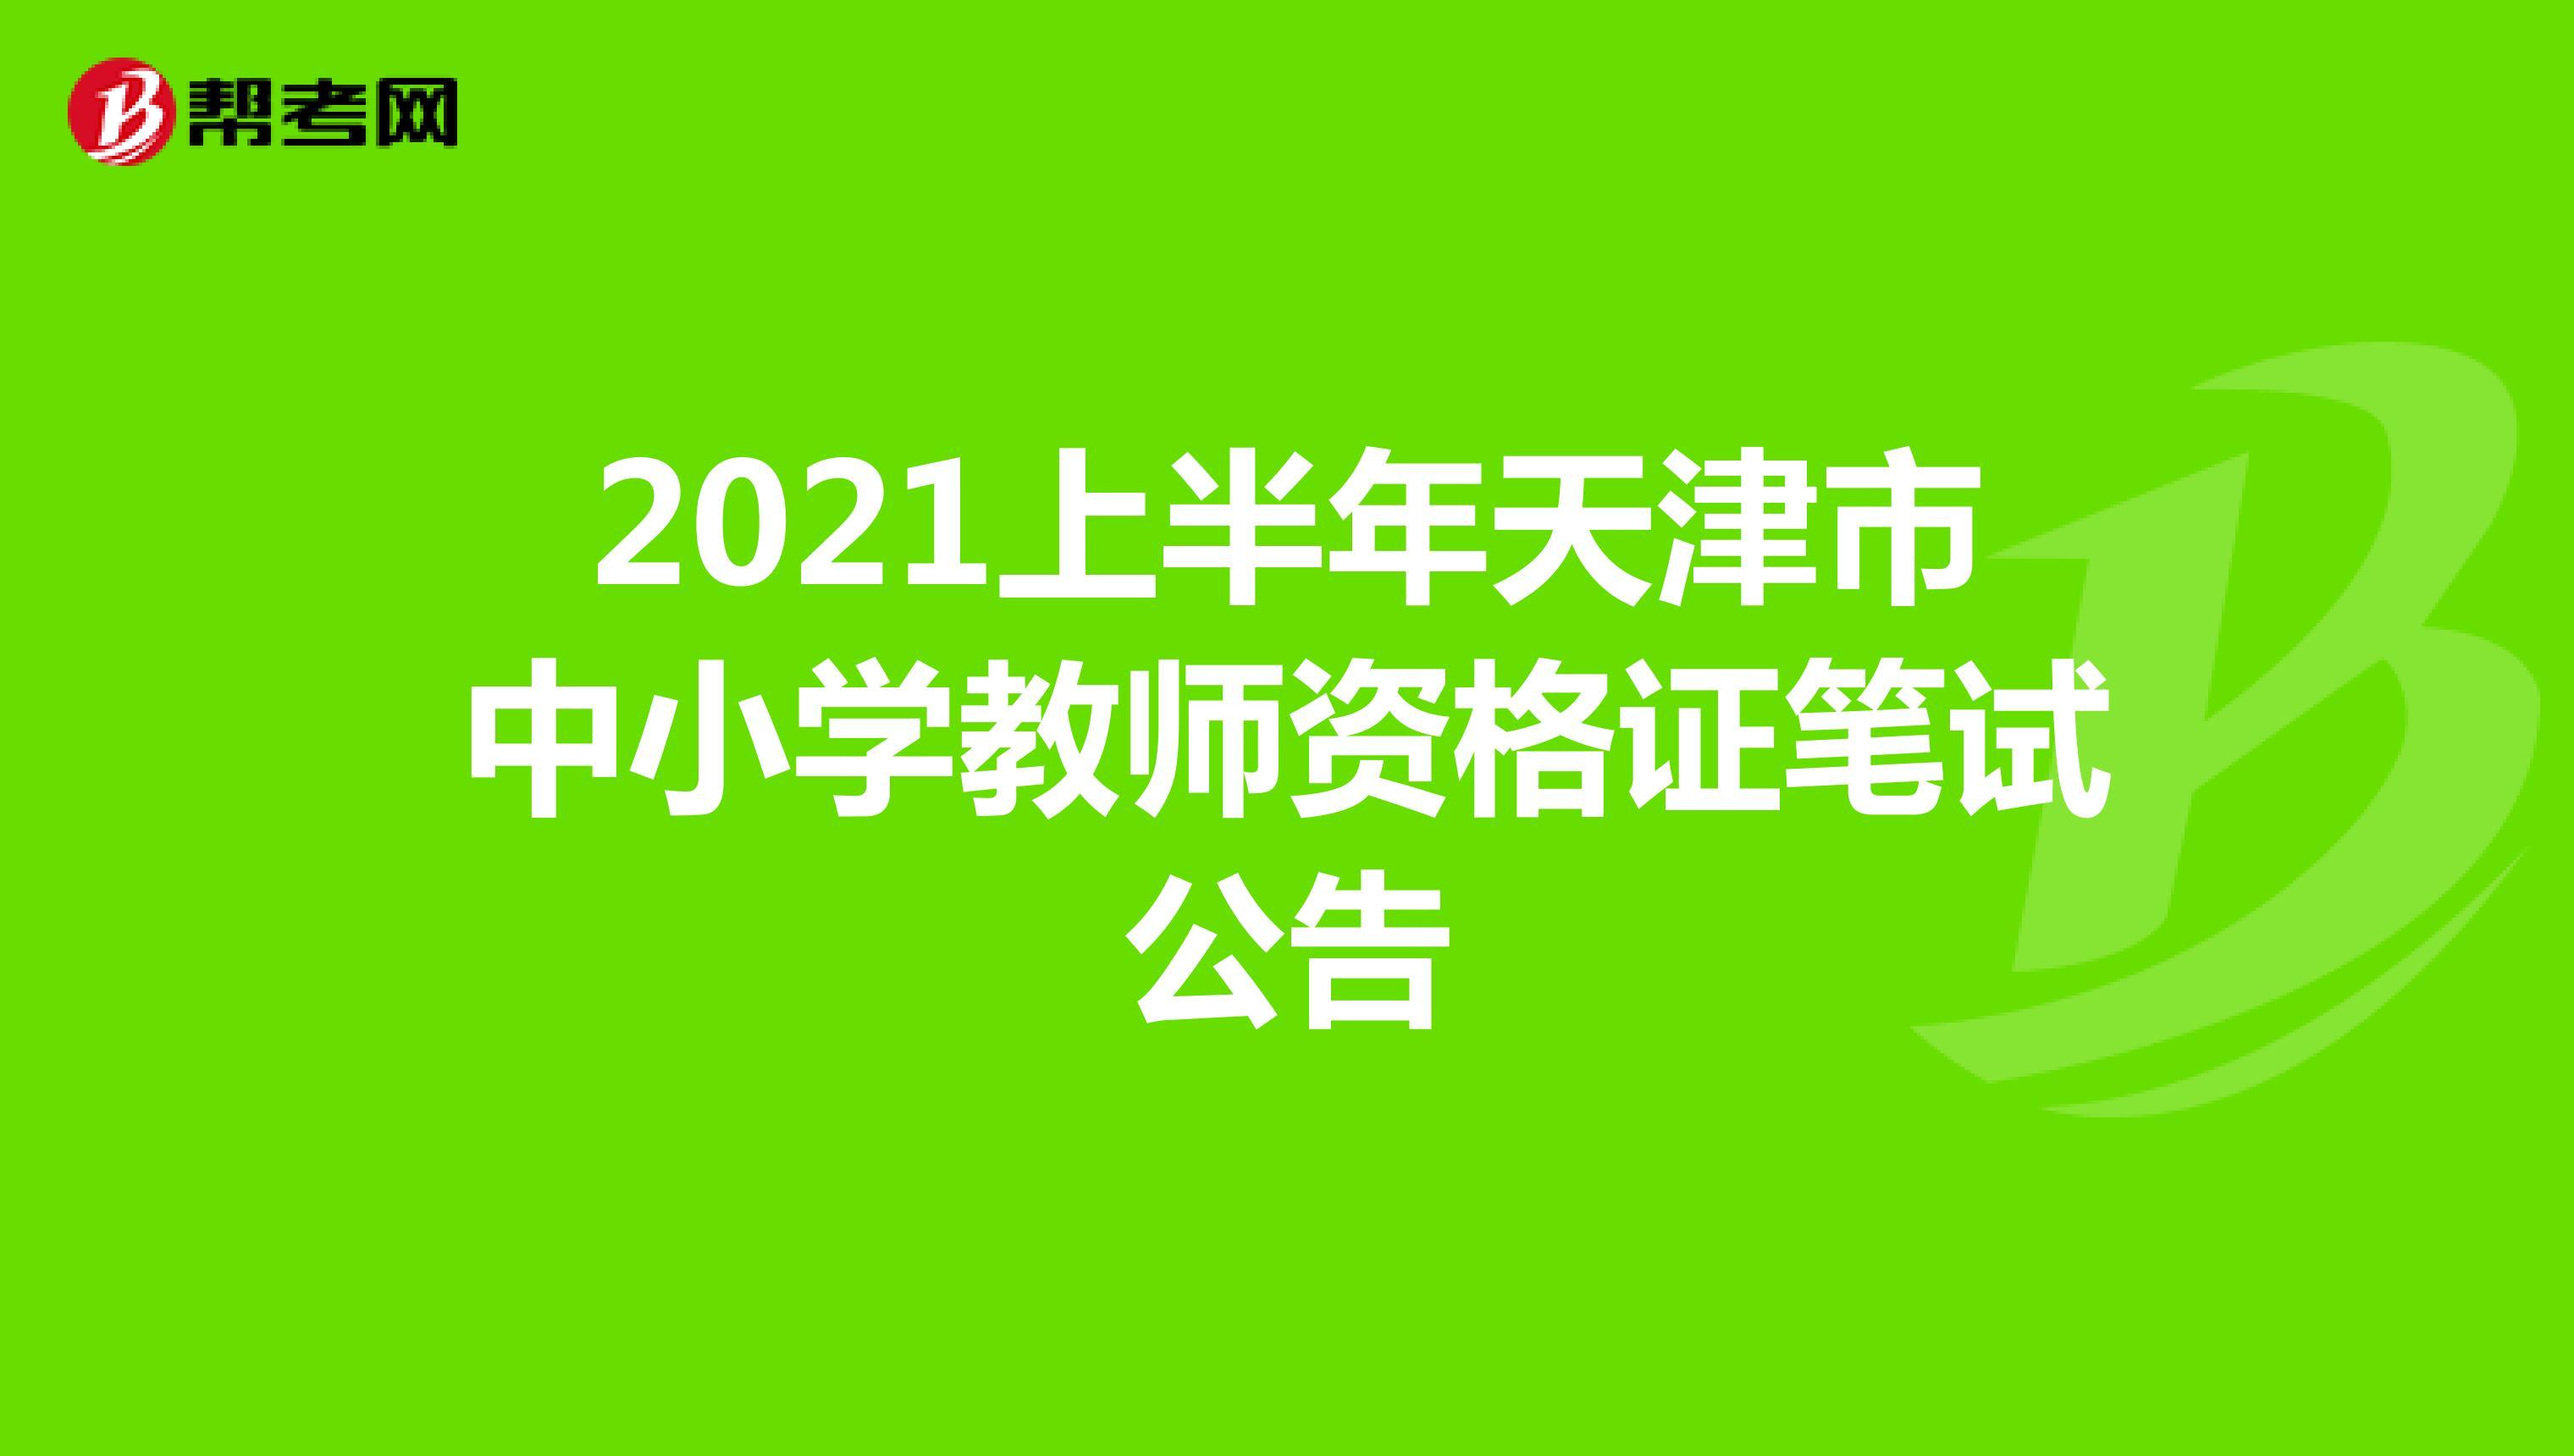 2021上半年天津市中小學教師資格證筆試公告